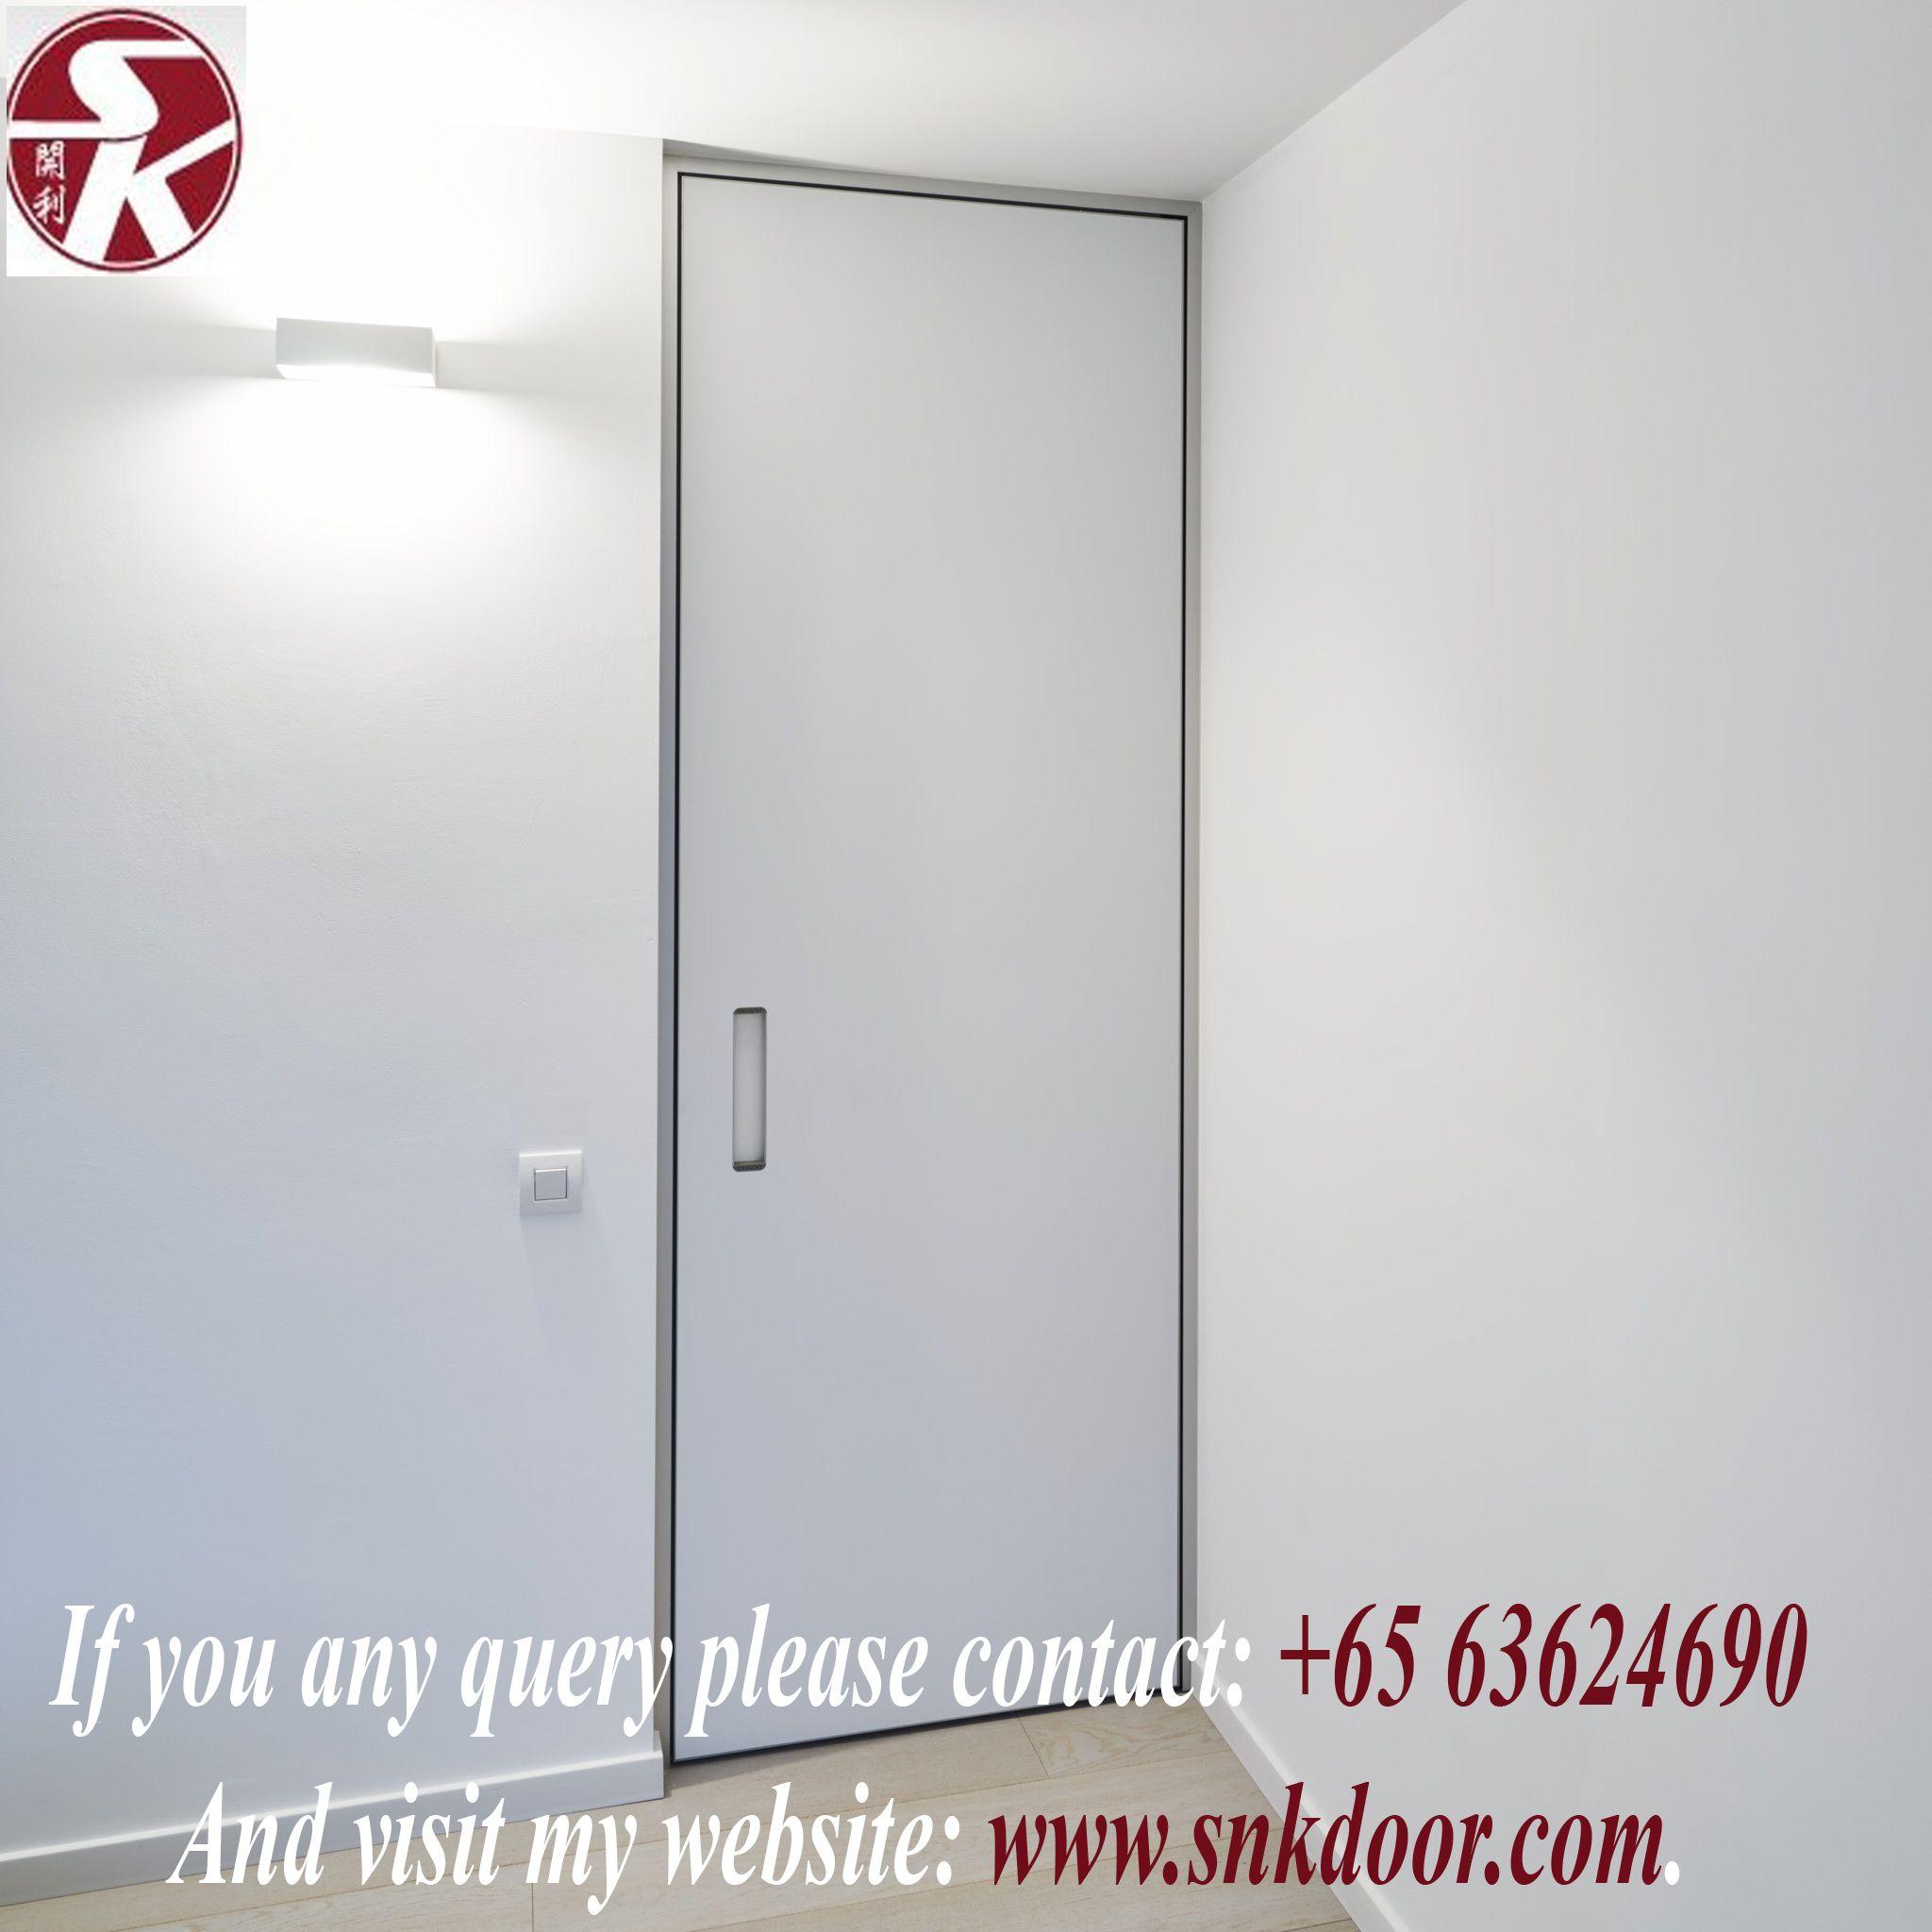 S U0026 K Solid Wood Doors Are The Best Door Service, Provider. It Specializes